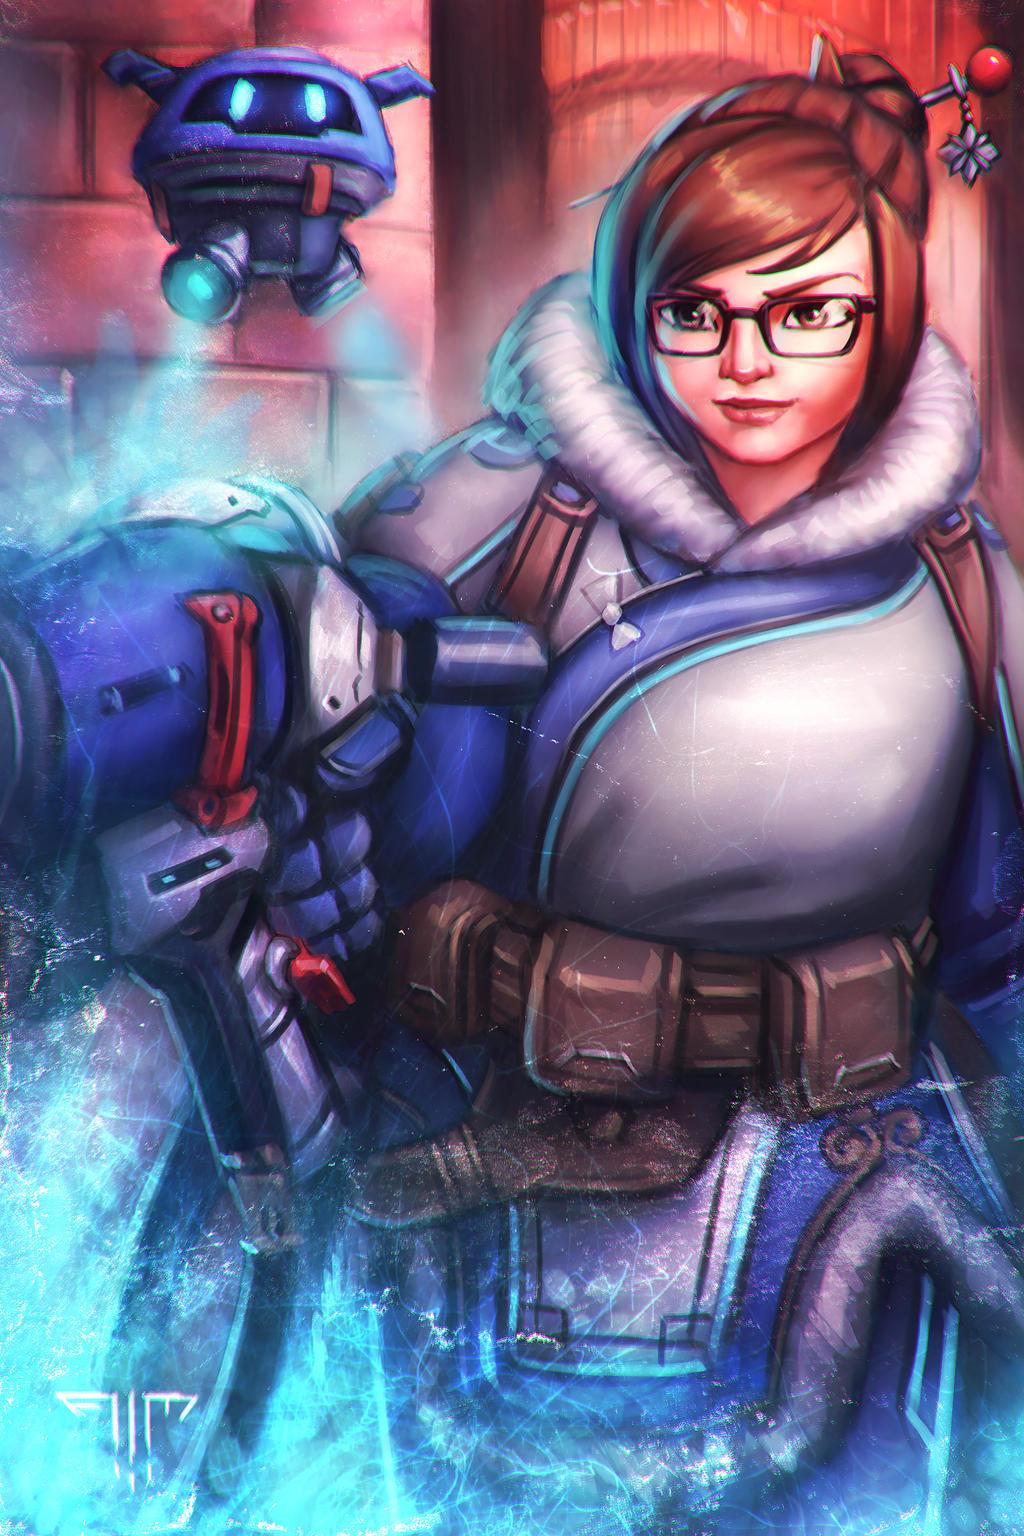 Overwatch mei by aim art on deviantart - Mei wallpaper ...